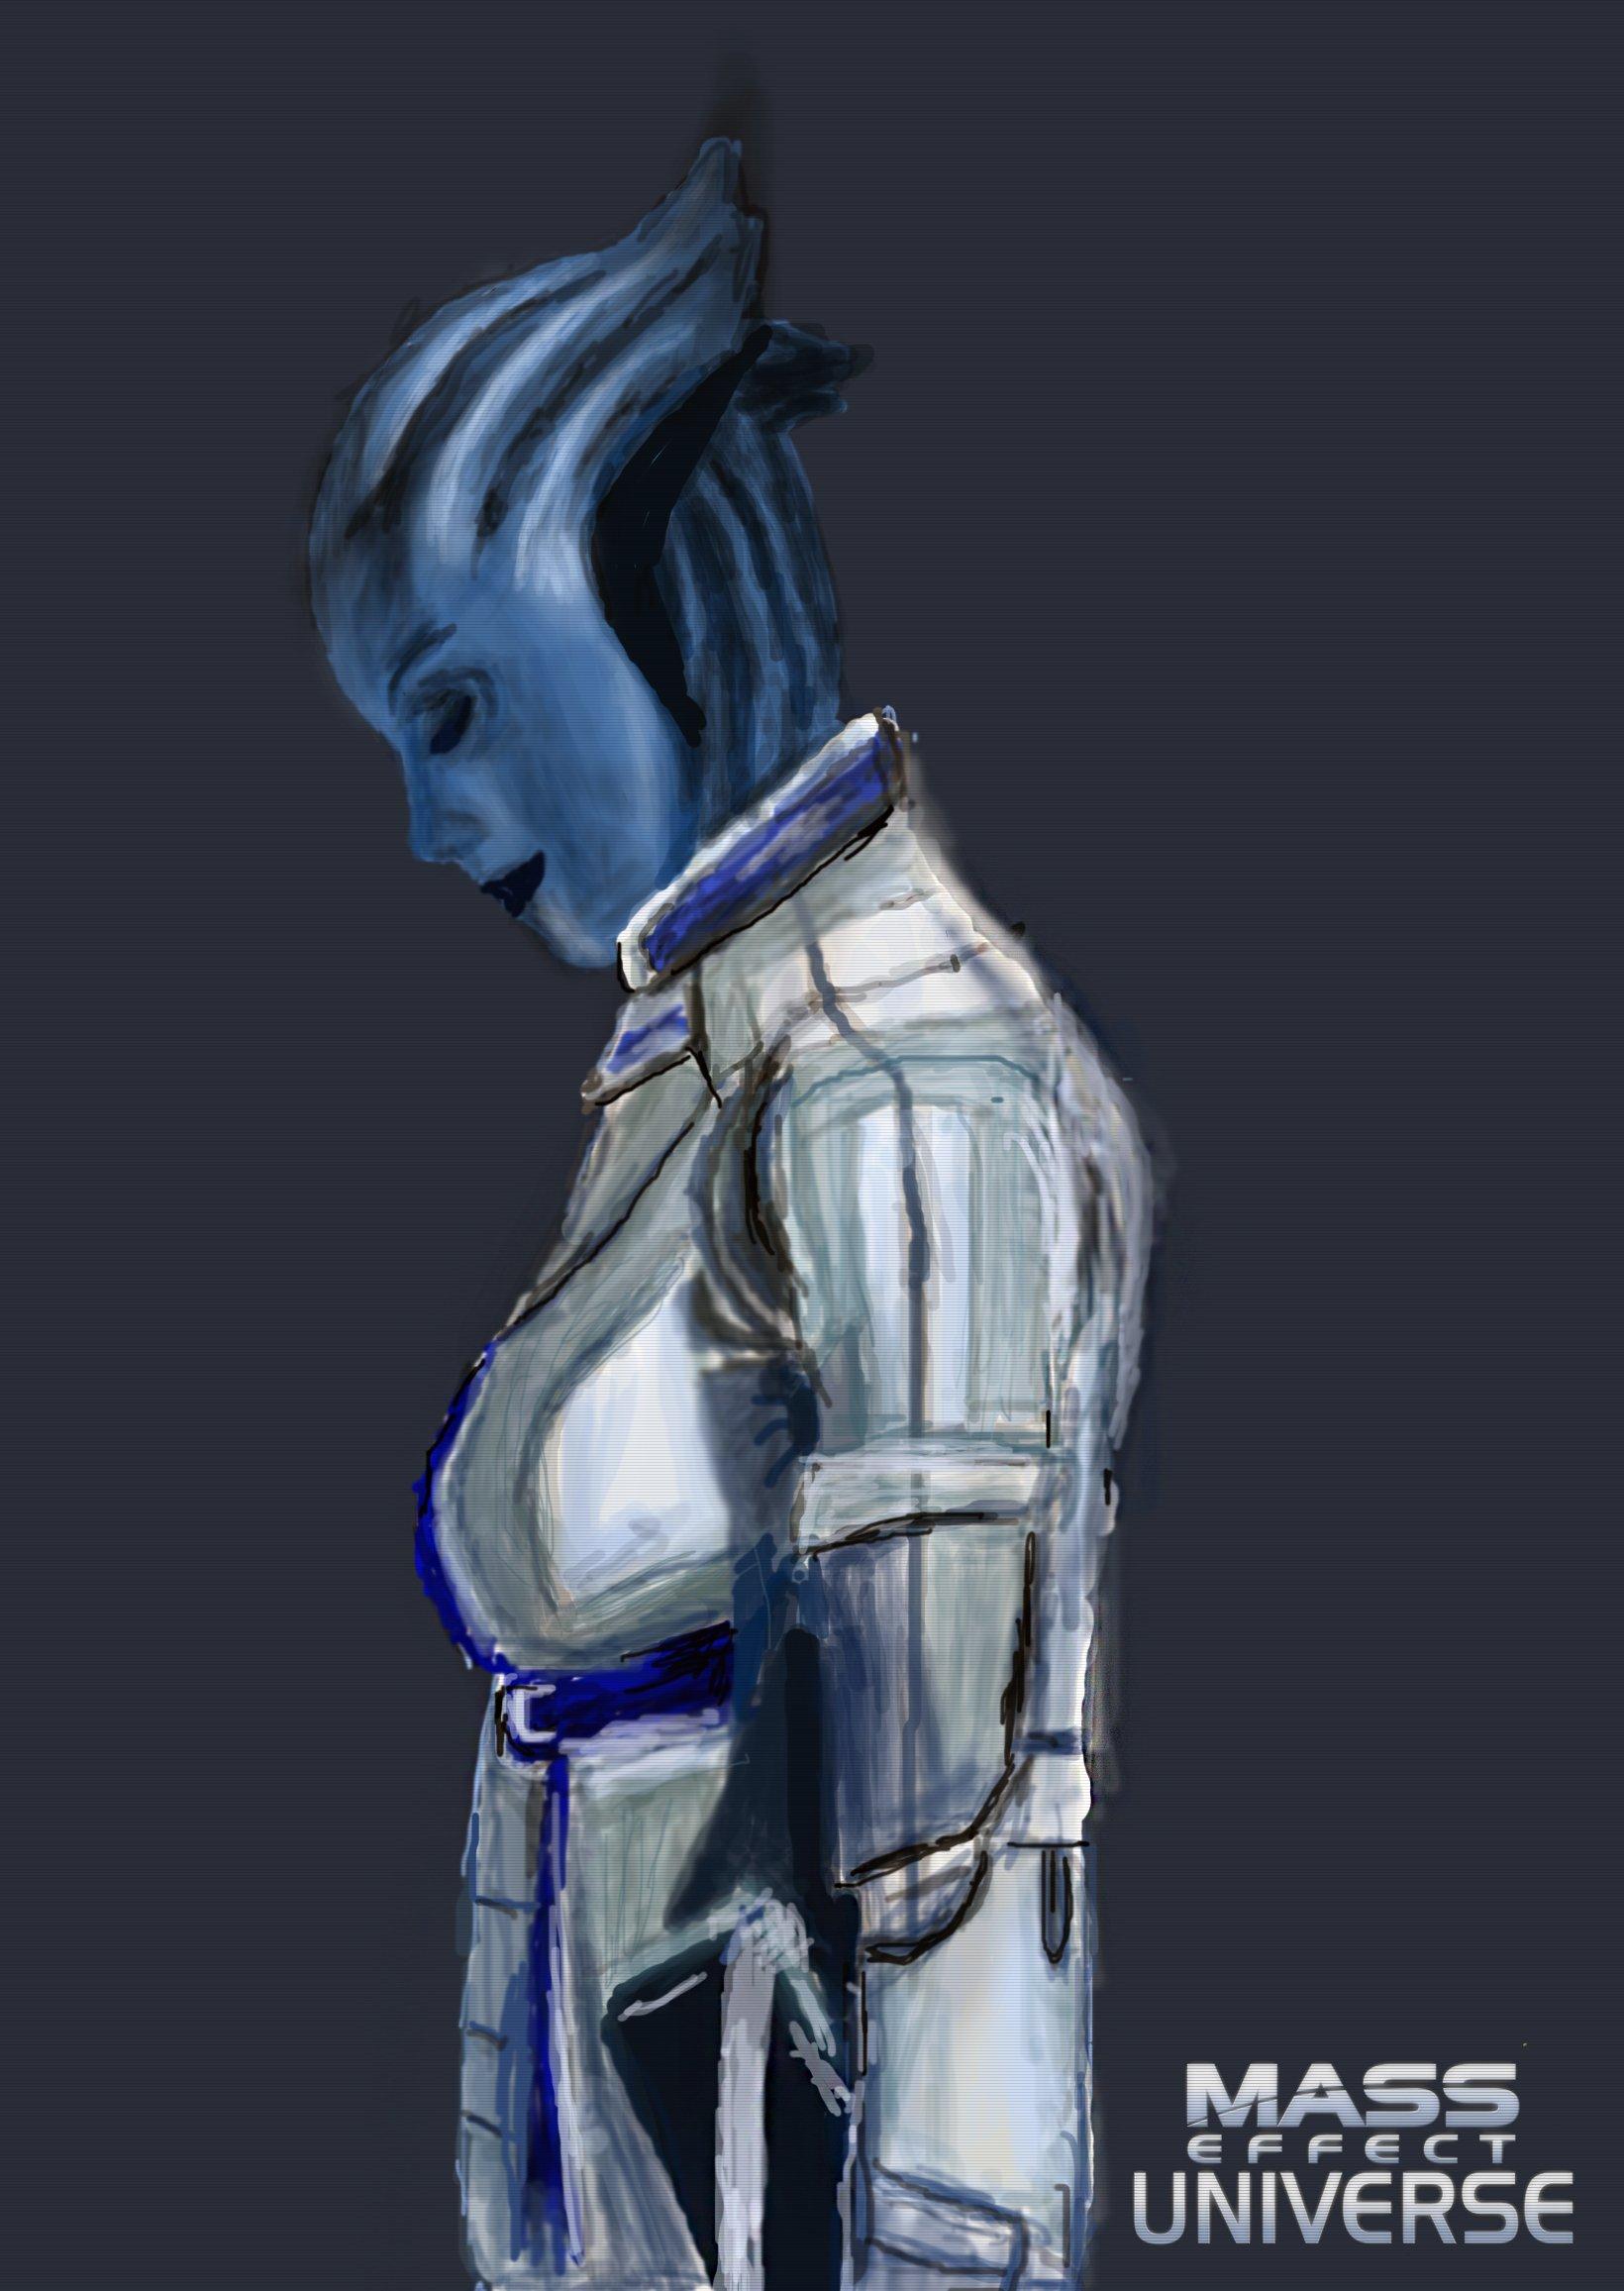 Привет, обитатели Канобу.Постарался нарисовать крайне шикарную представительницу расы азари, одного из самых интерес ... - Изображение 2